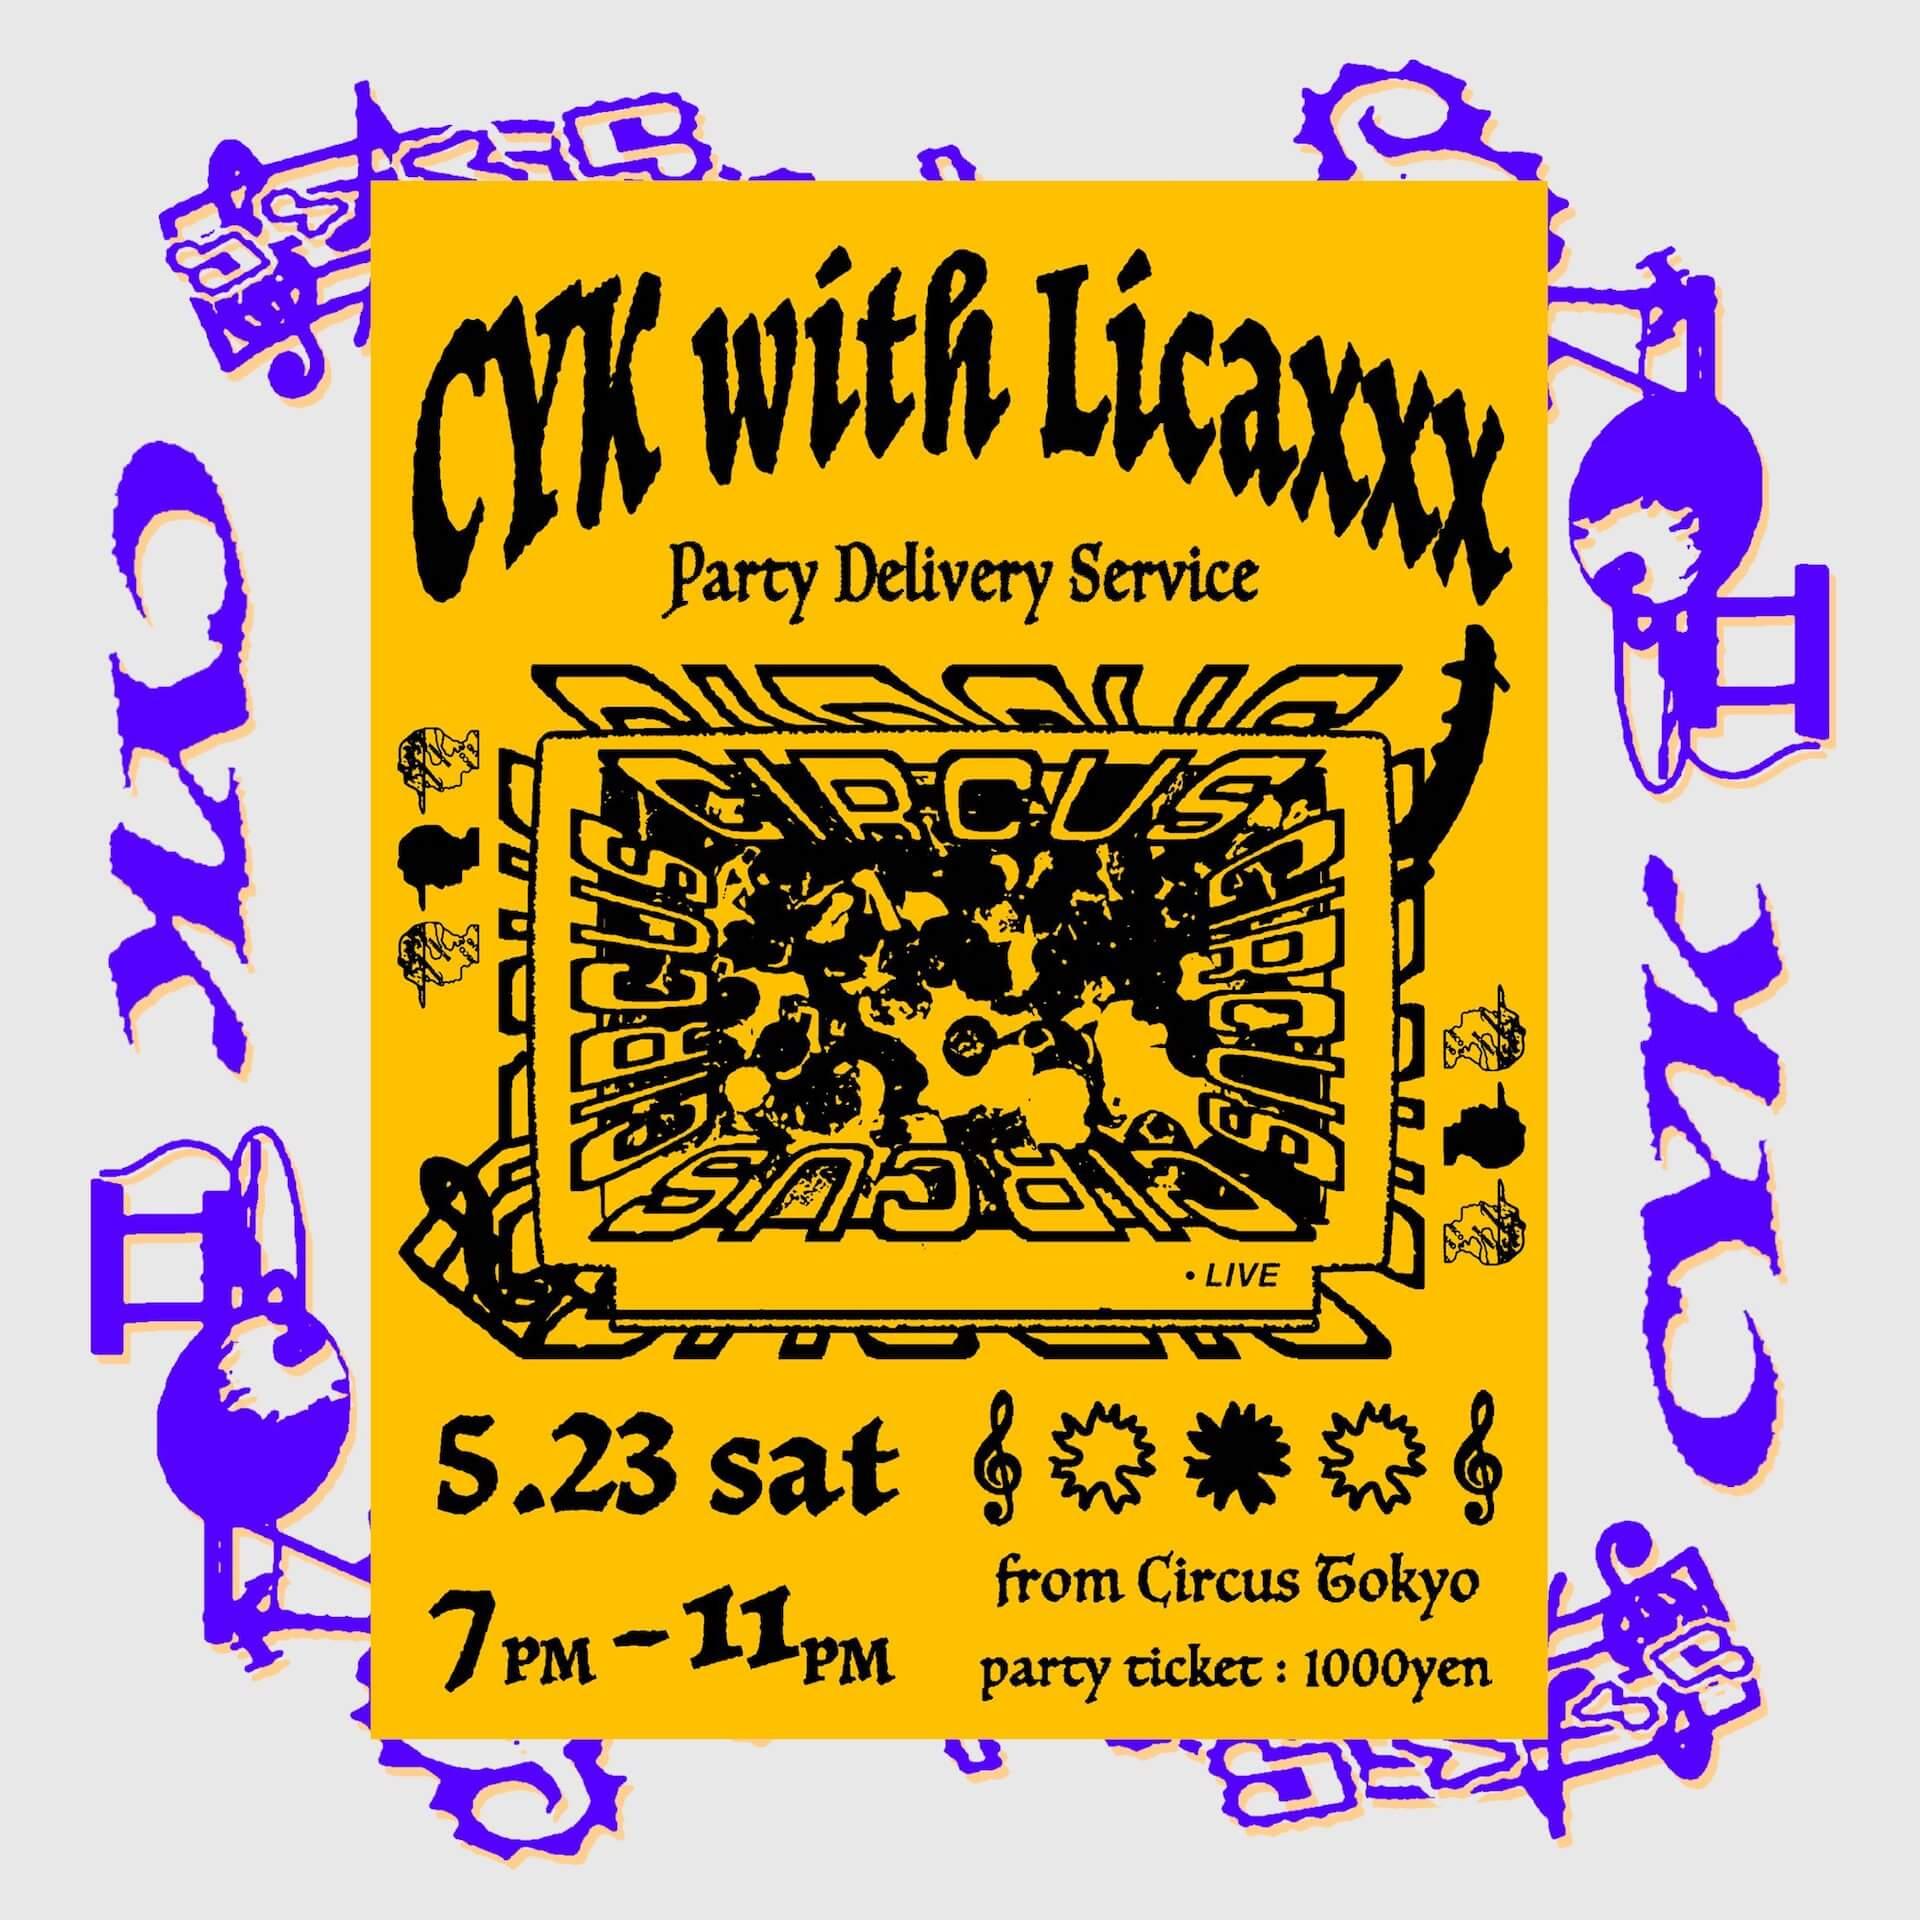 アーティストの視点から観るNetflixの映画・ドラマ・ドキュメンタリー|Vol.1 竹林ナオキ(CYK)『ゴッドファーザー』 art200521_netflix_cyk_1